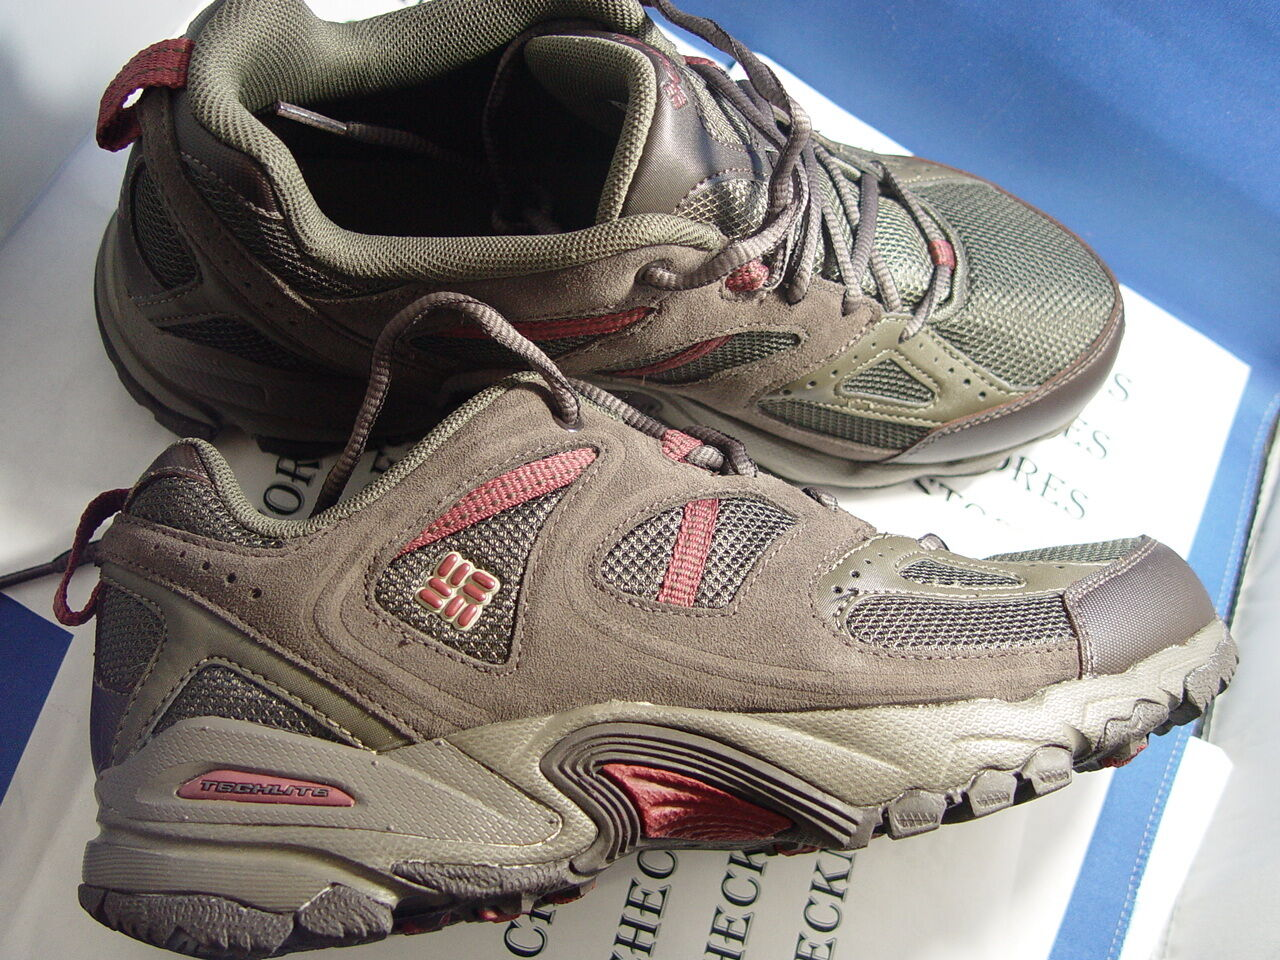 Nuevo En Caja Columbia Sportswear Para Hombre Wallawalla 2 Low Omni-tech zapato de senderismo